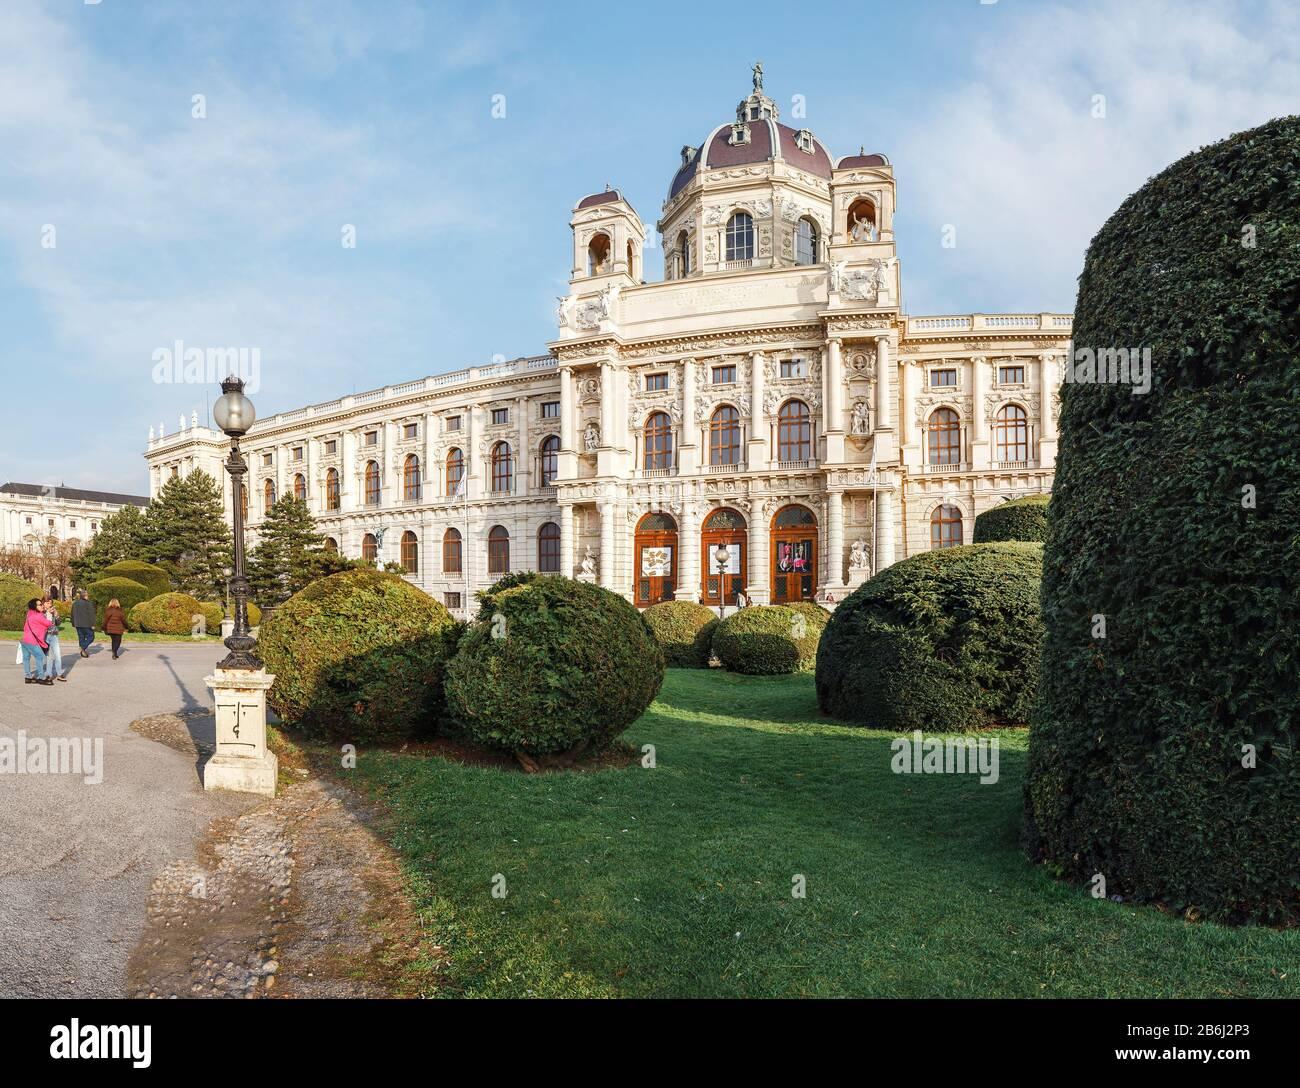 24. MÄRZ 2017, WIEN, ÖSTERREICH: Panoramaaussicht auf das Museum für Geschichte Der Schönen Künste in Wien, eine der berühmtesten Kunstgalerien der Welt Stockfoto